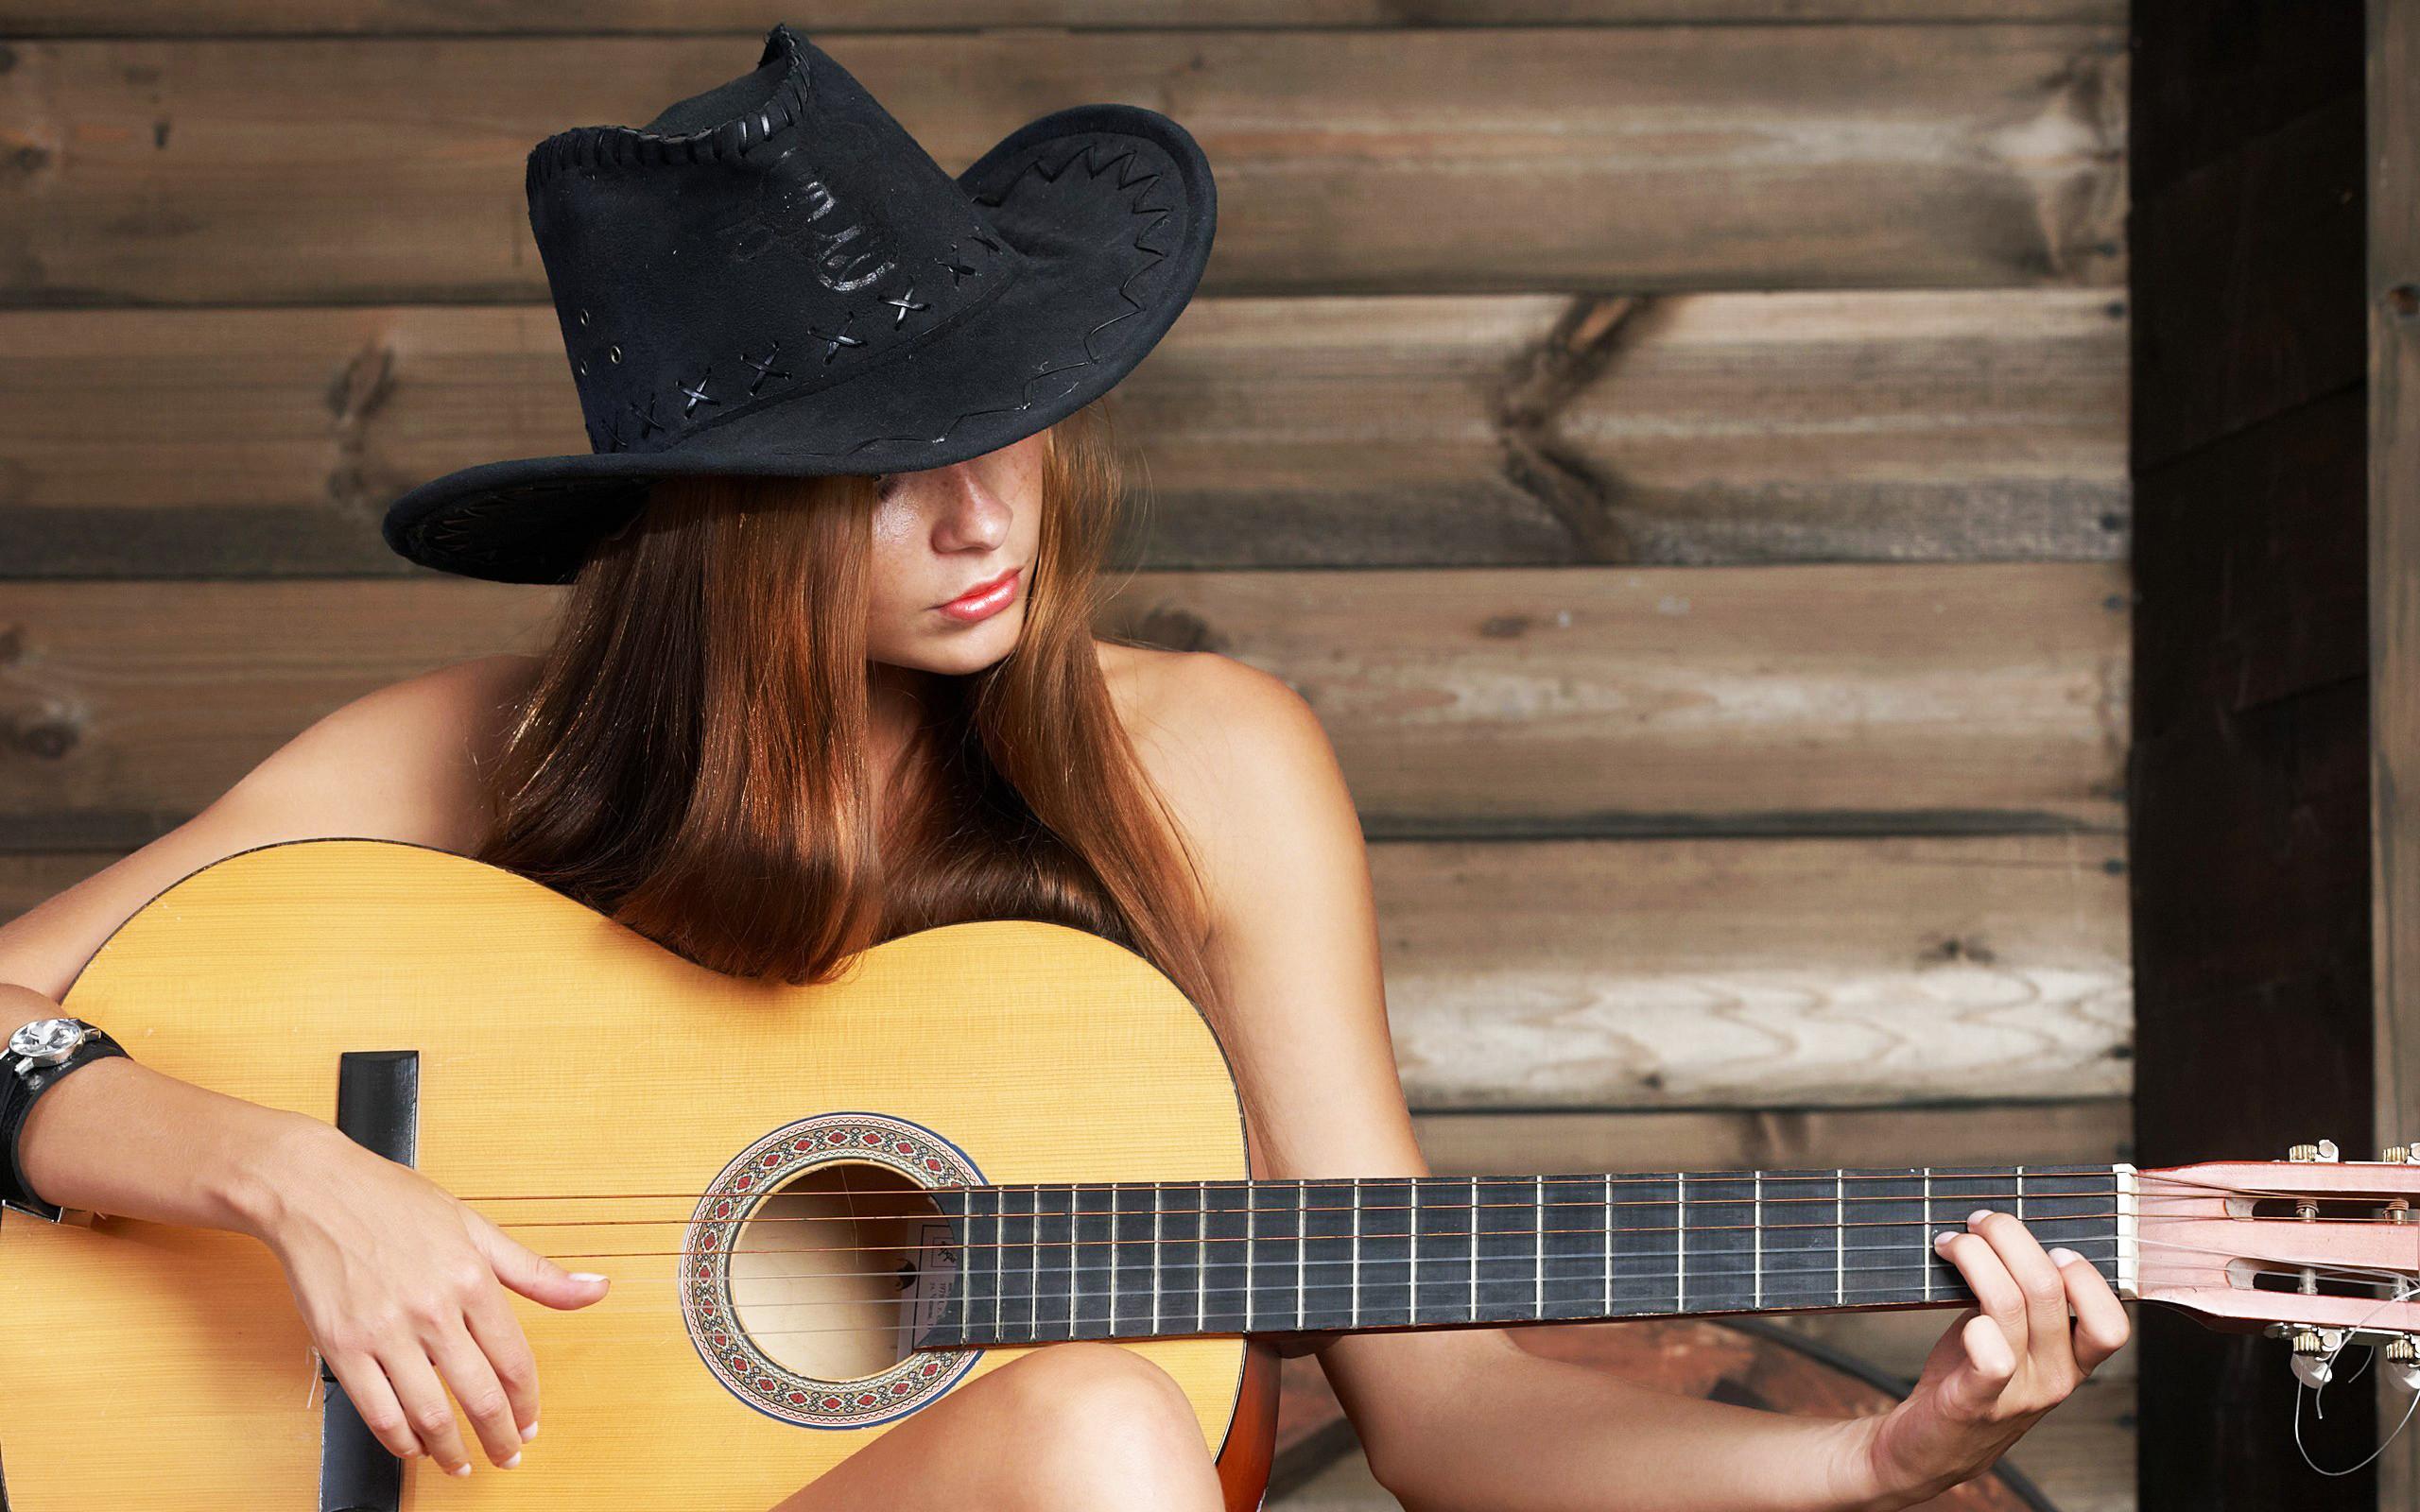 Upskirt Music